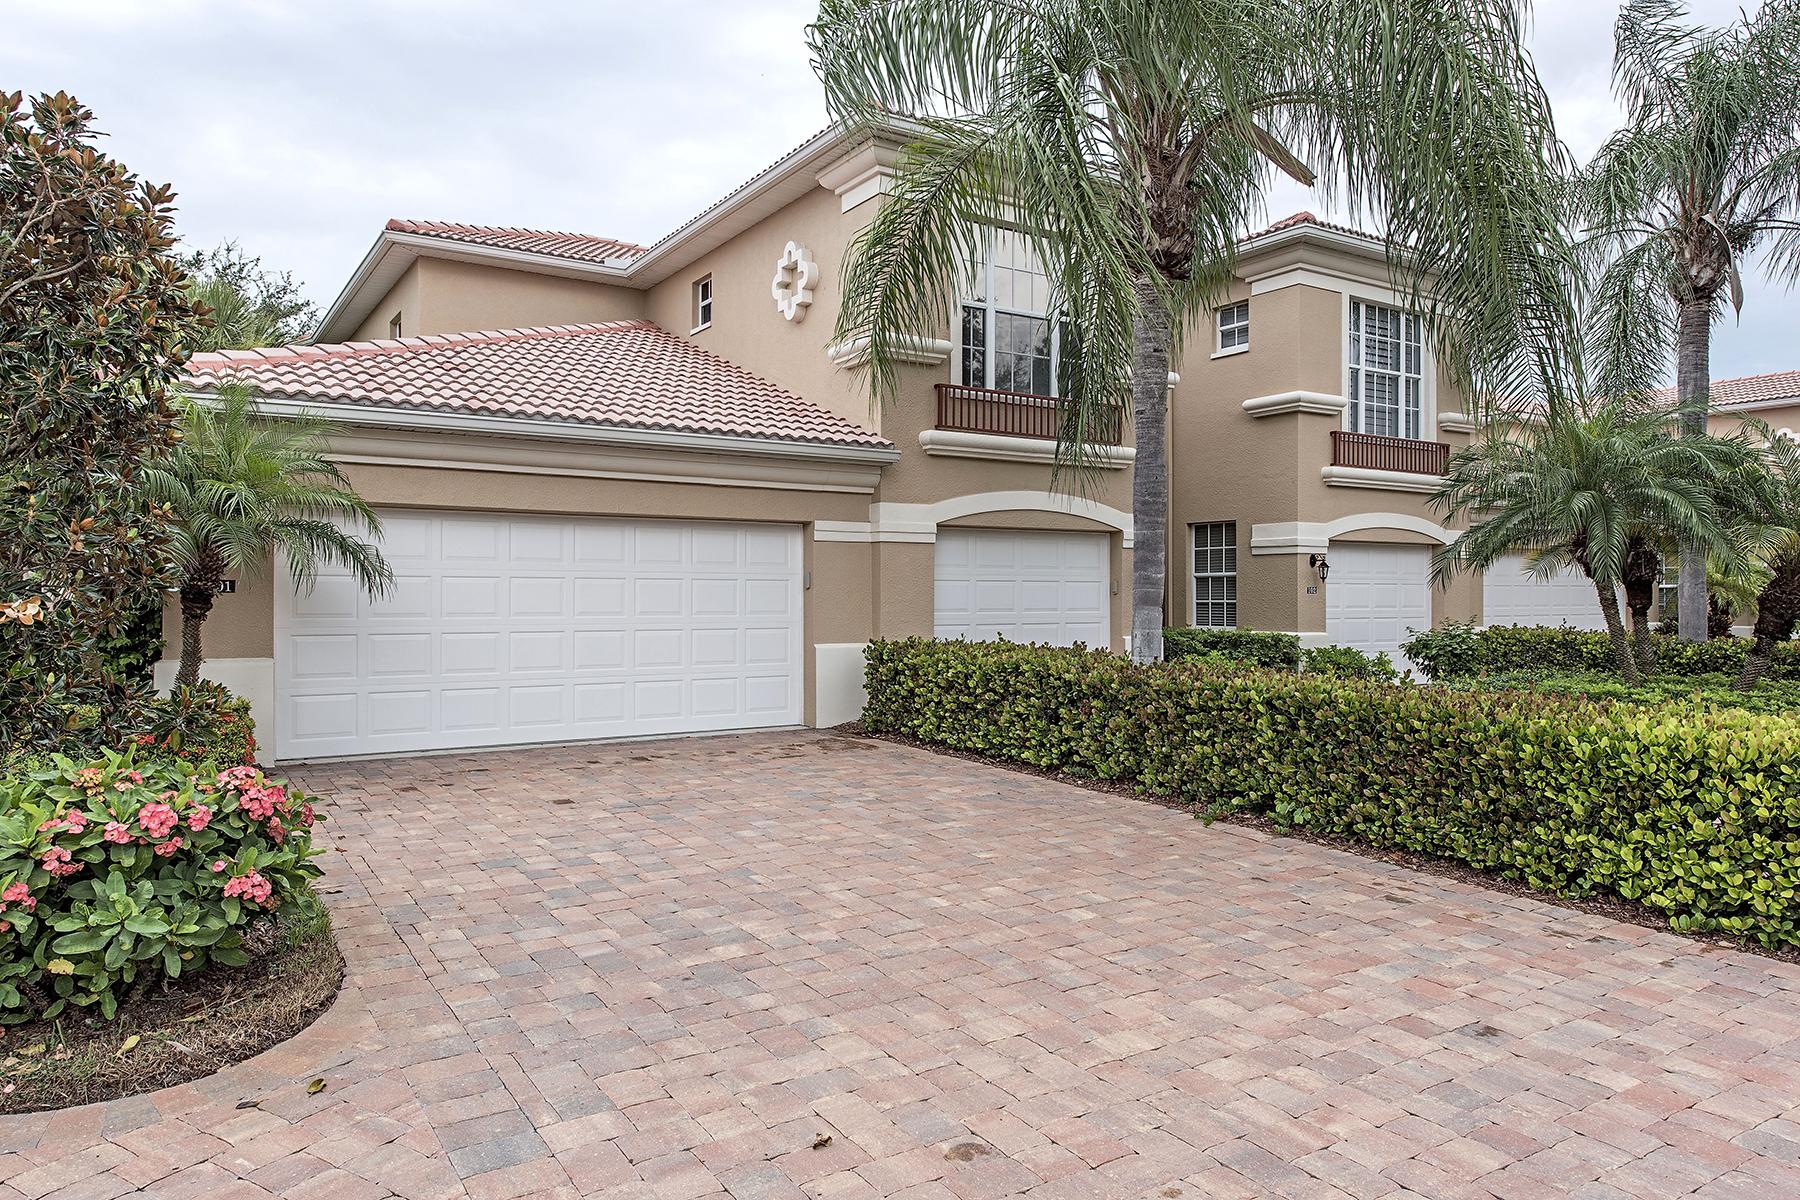 Nhà chung cư vì Bán tại PELICAN MARSH 2396 Ravenna Blvd 201 Naples, Florida 34109 Hoa Kỳ